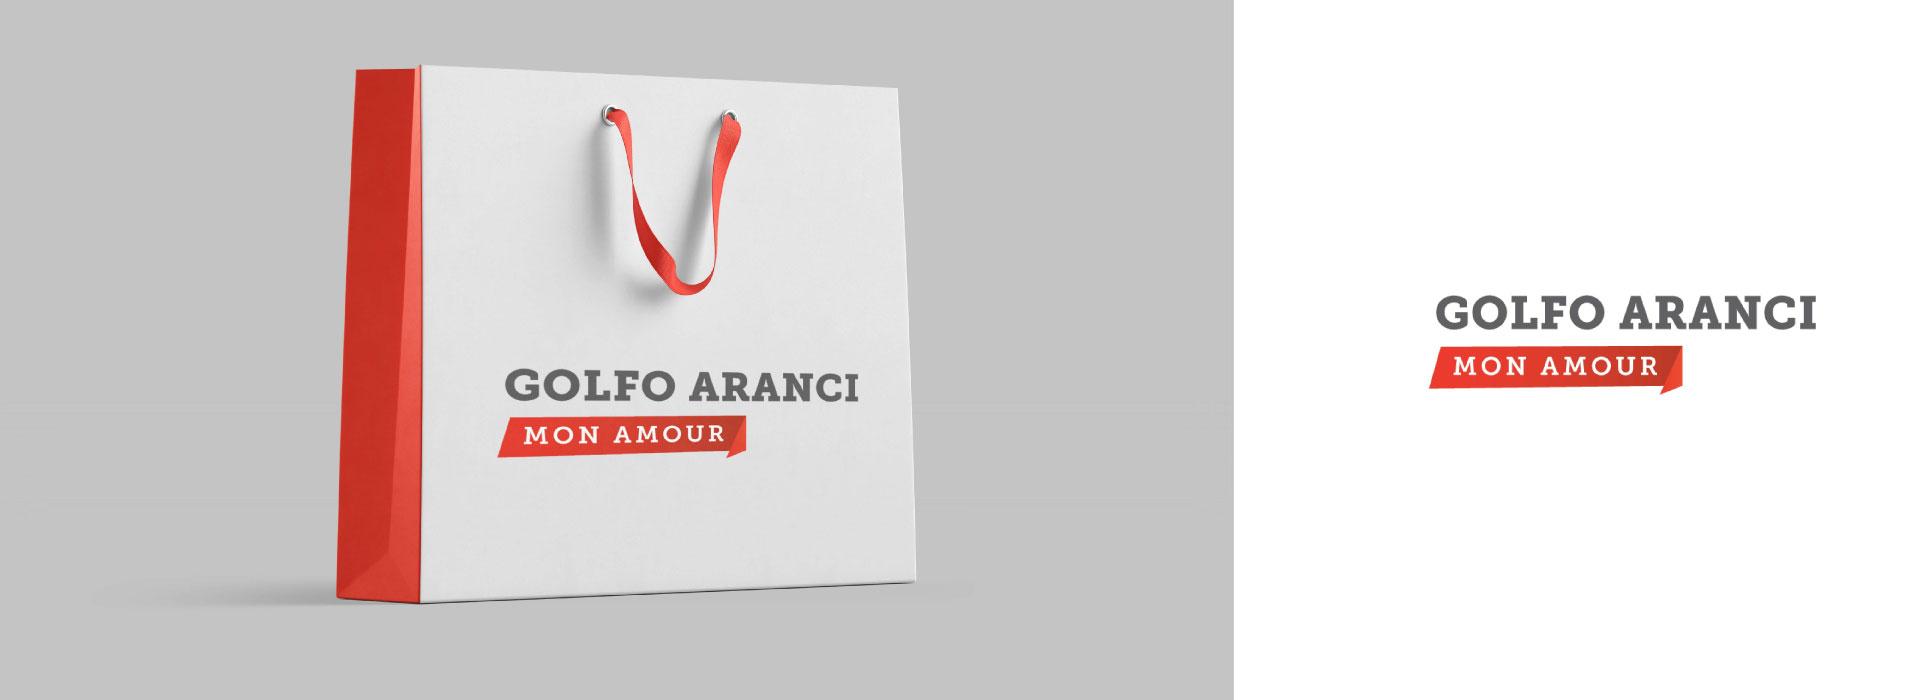 GOLFO ARANCI MON AMOUR